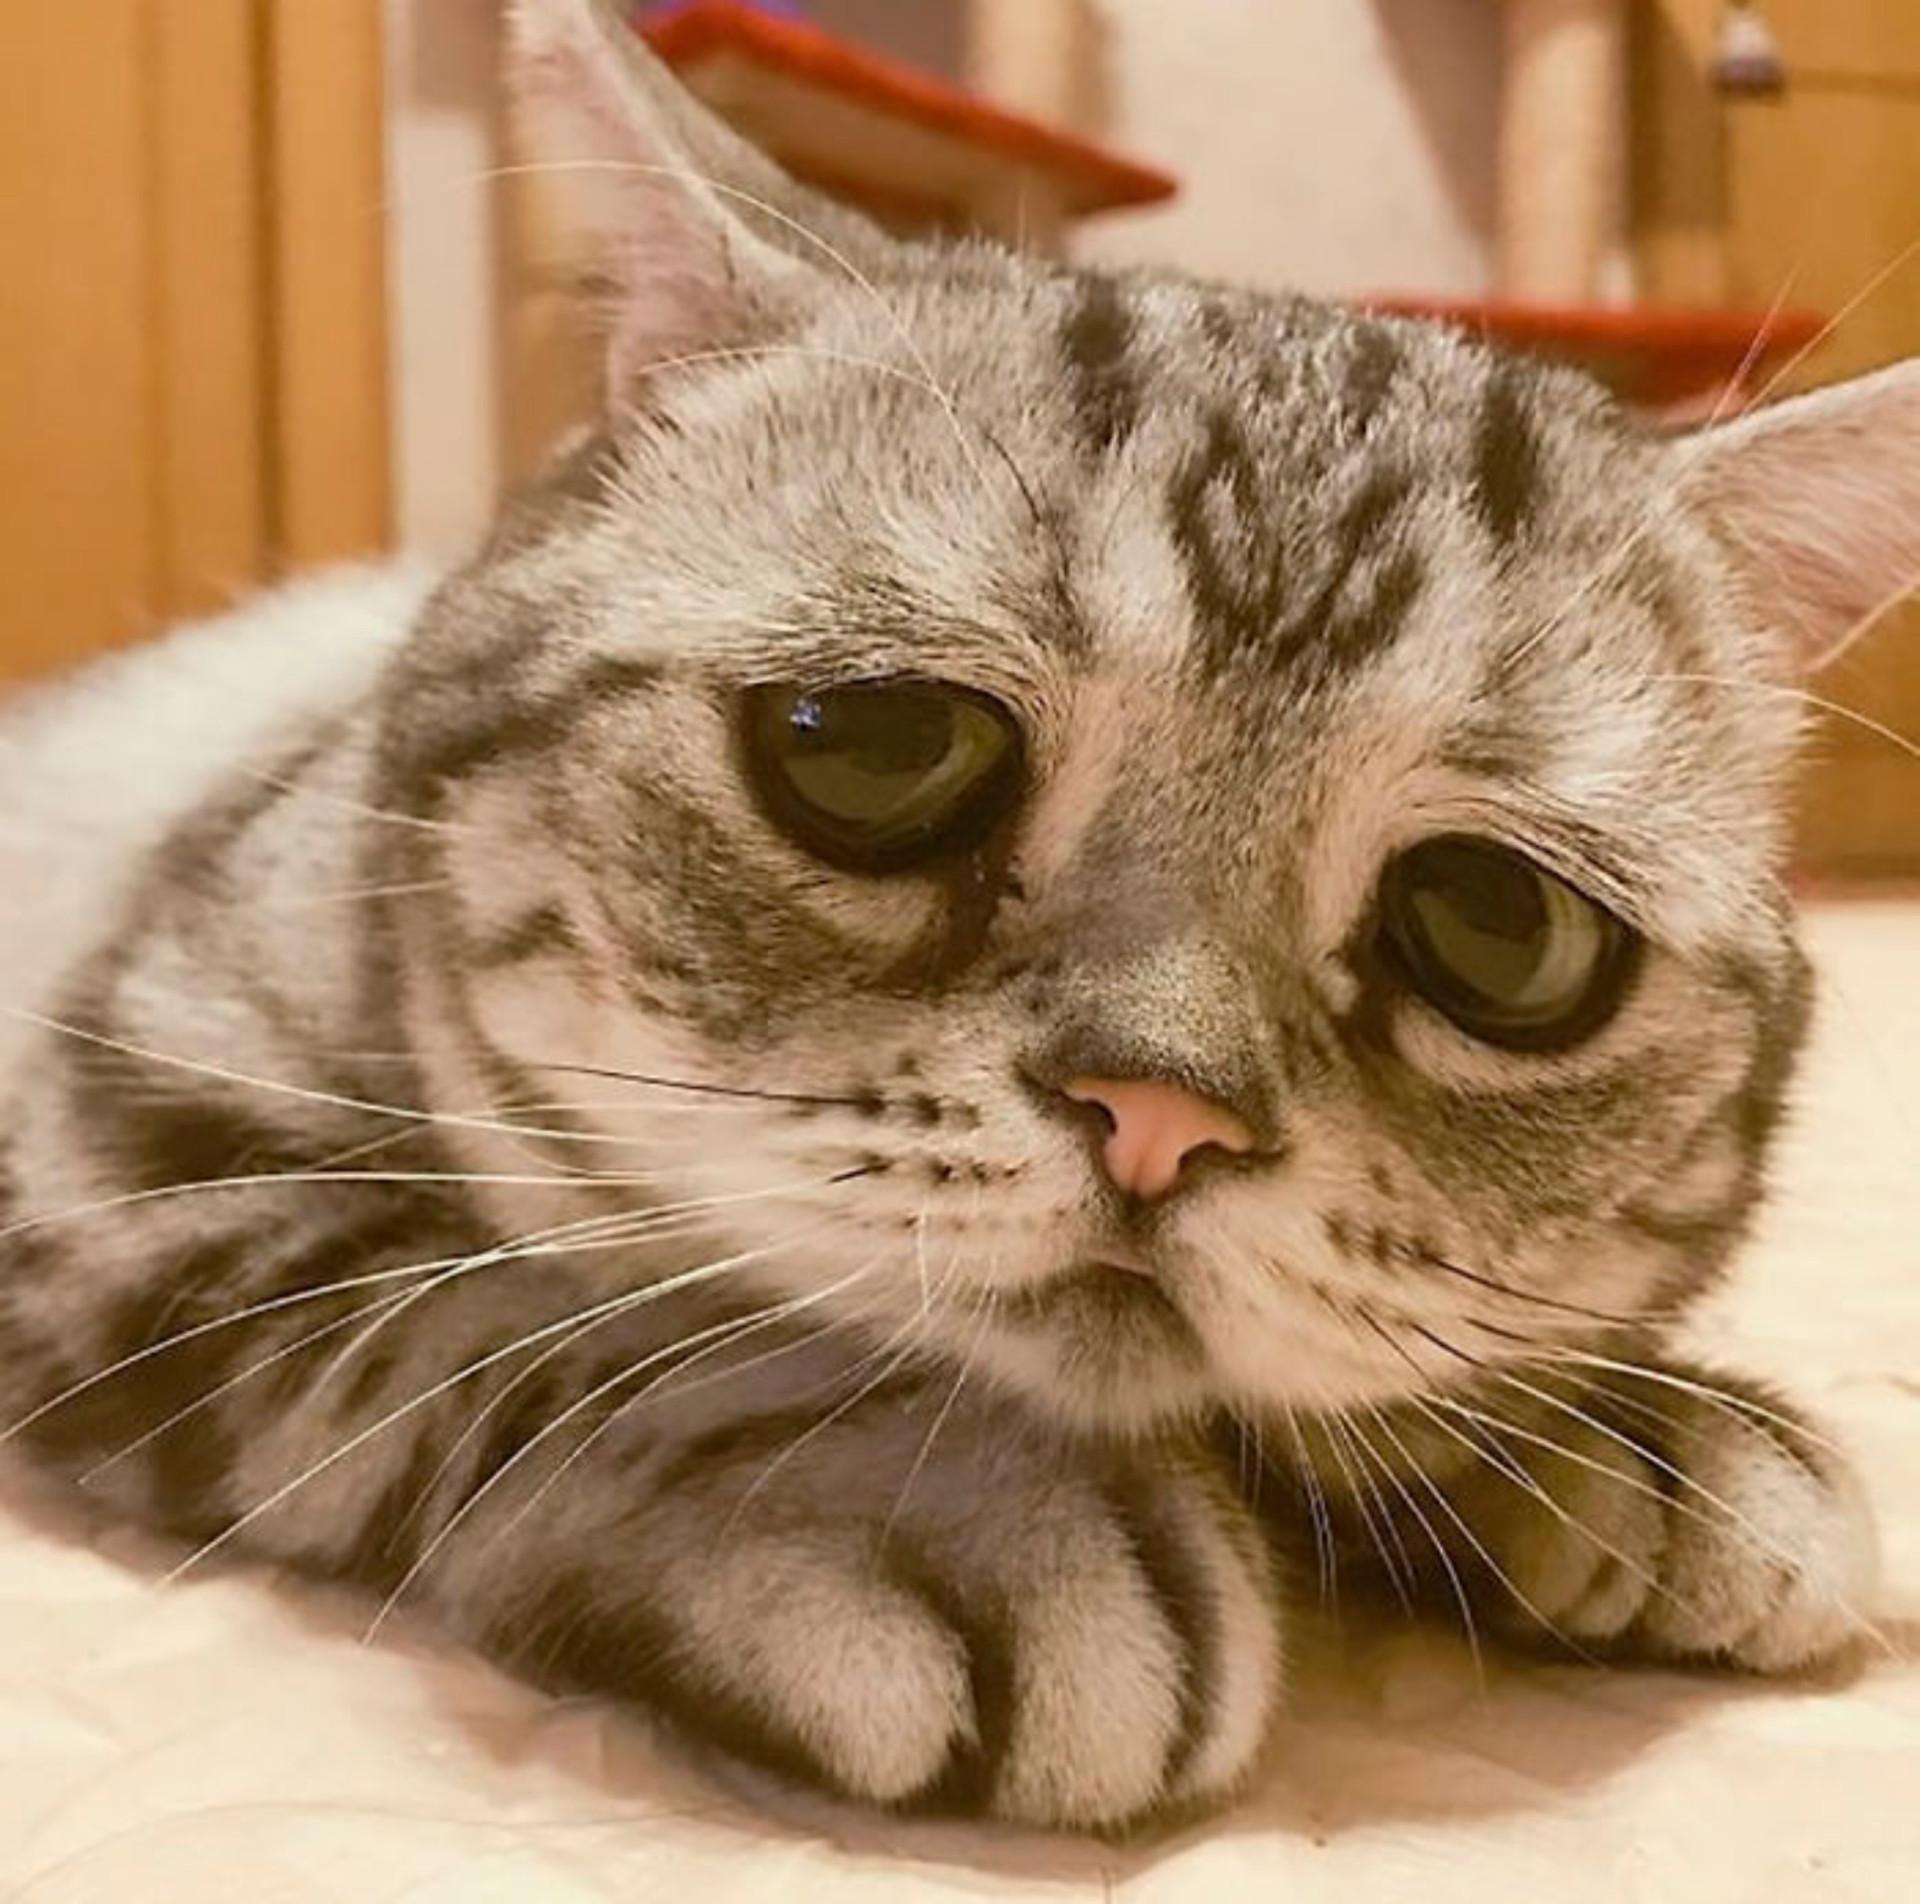 Será esta a gata mais triste do mundo?